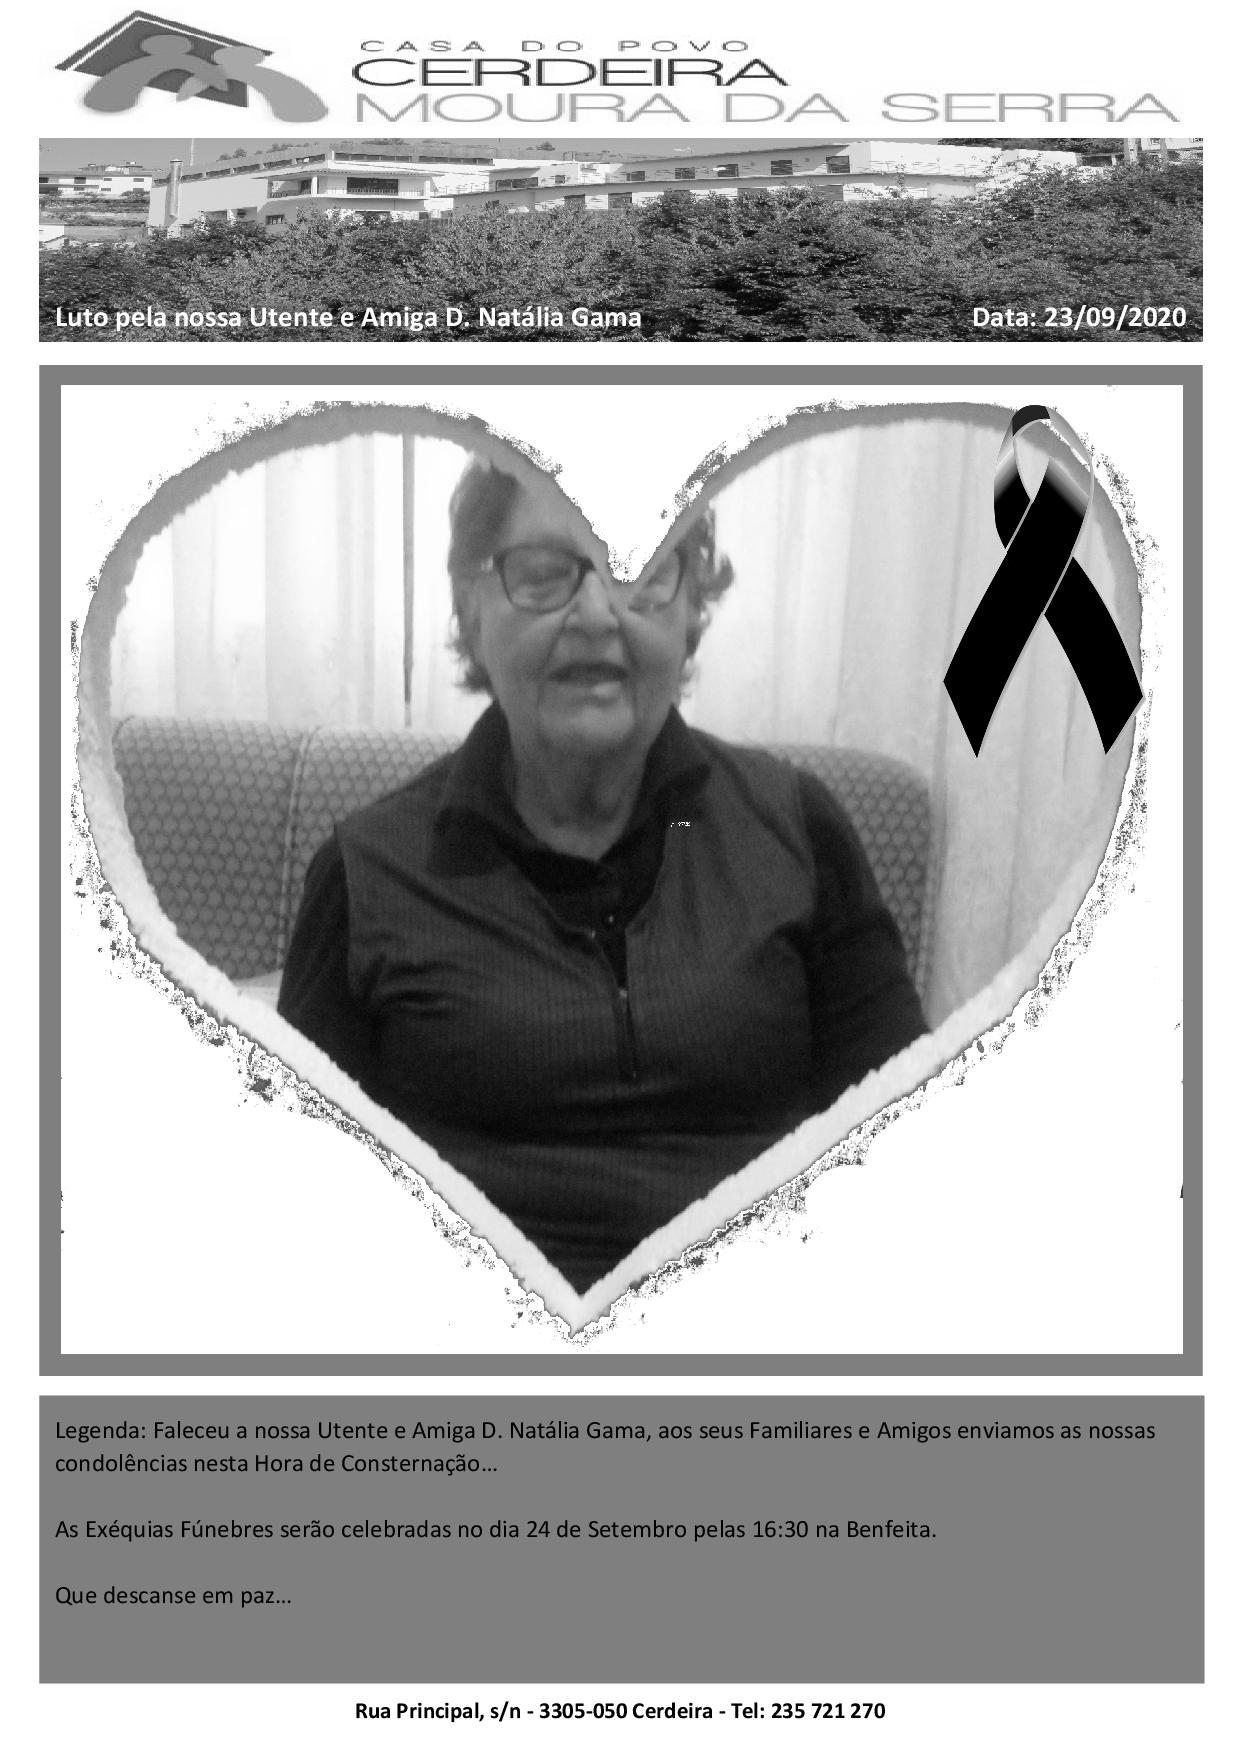 Faleceu a nossa Utente e Amiga D. Natália Gama